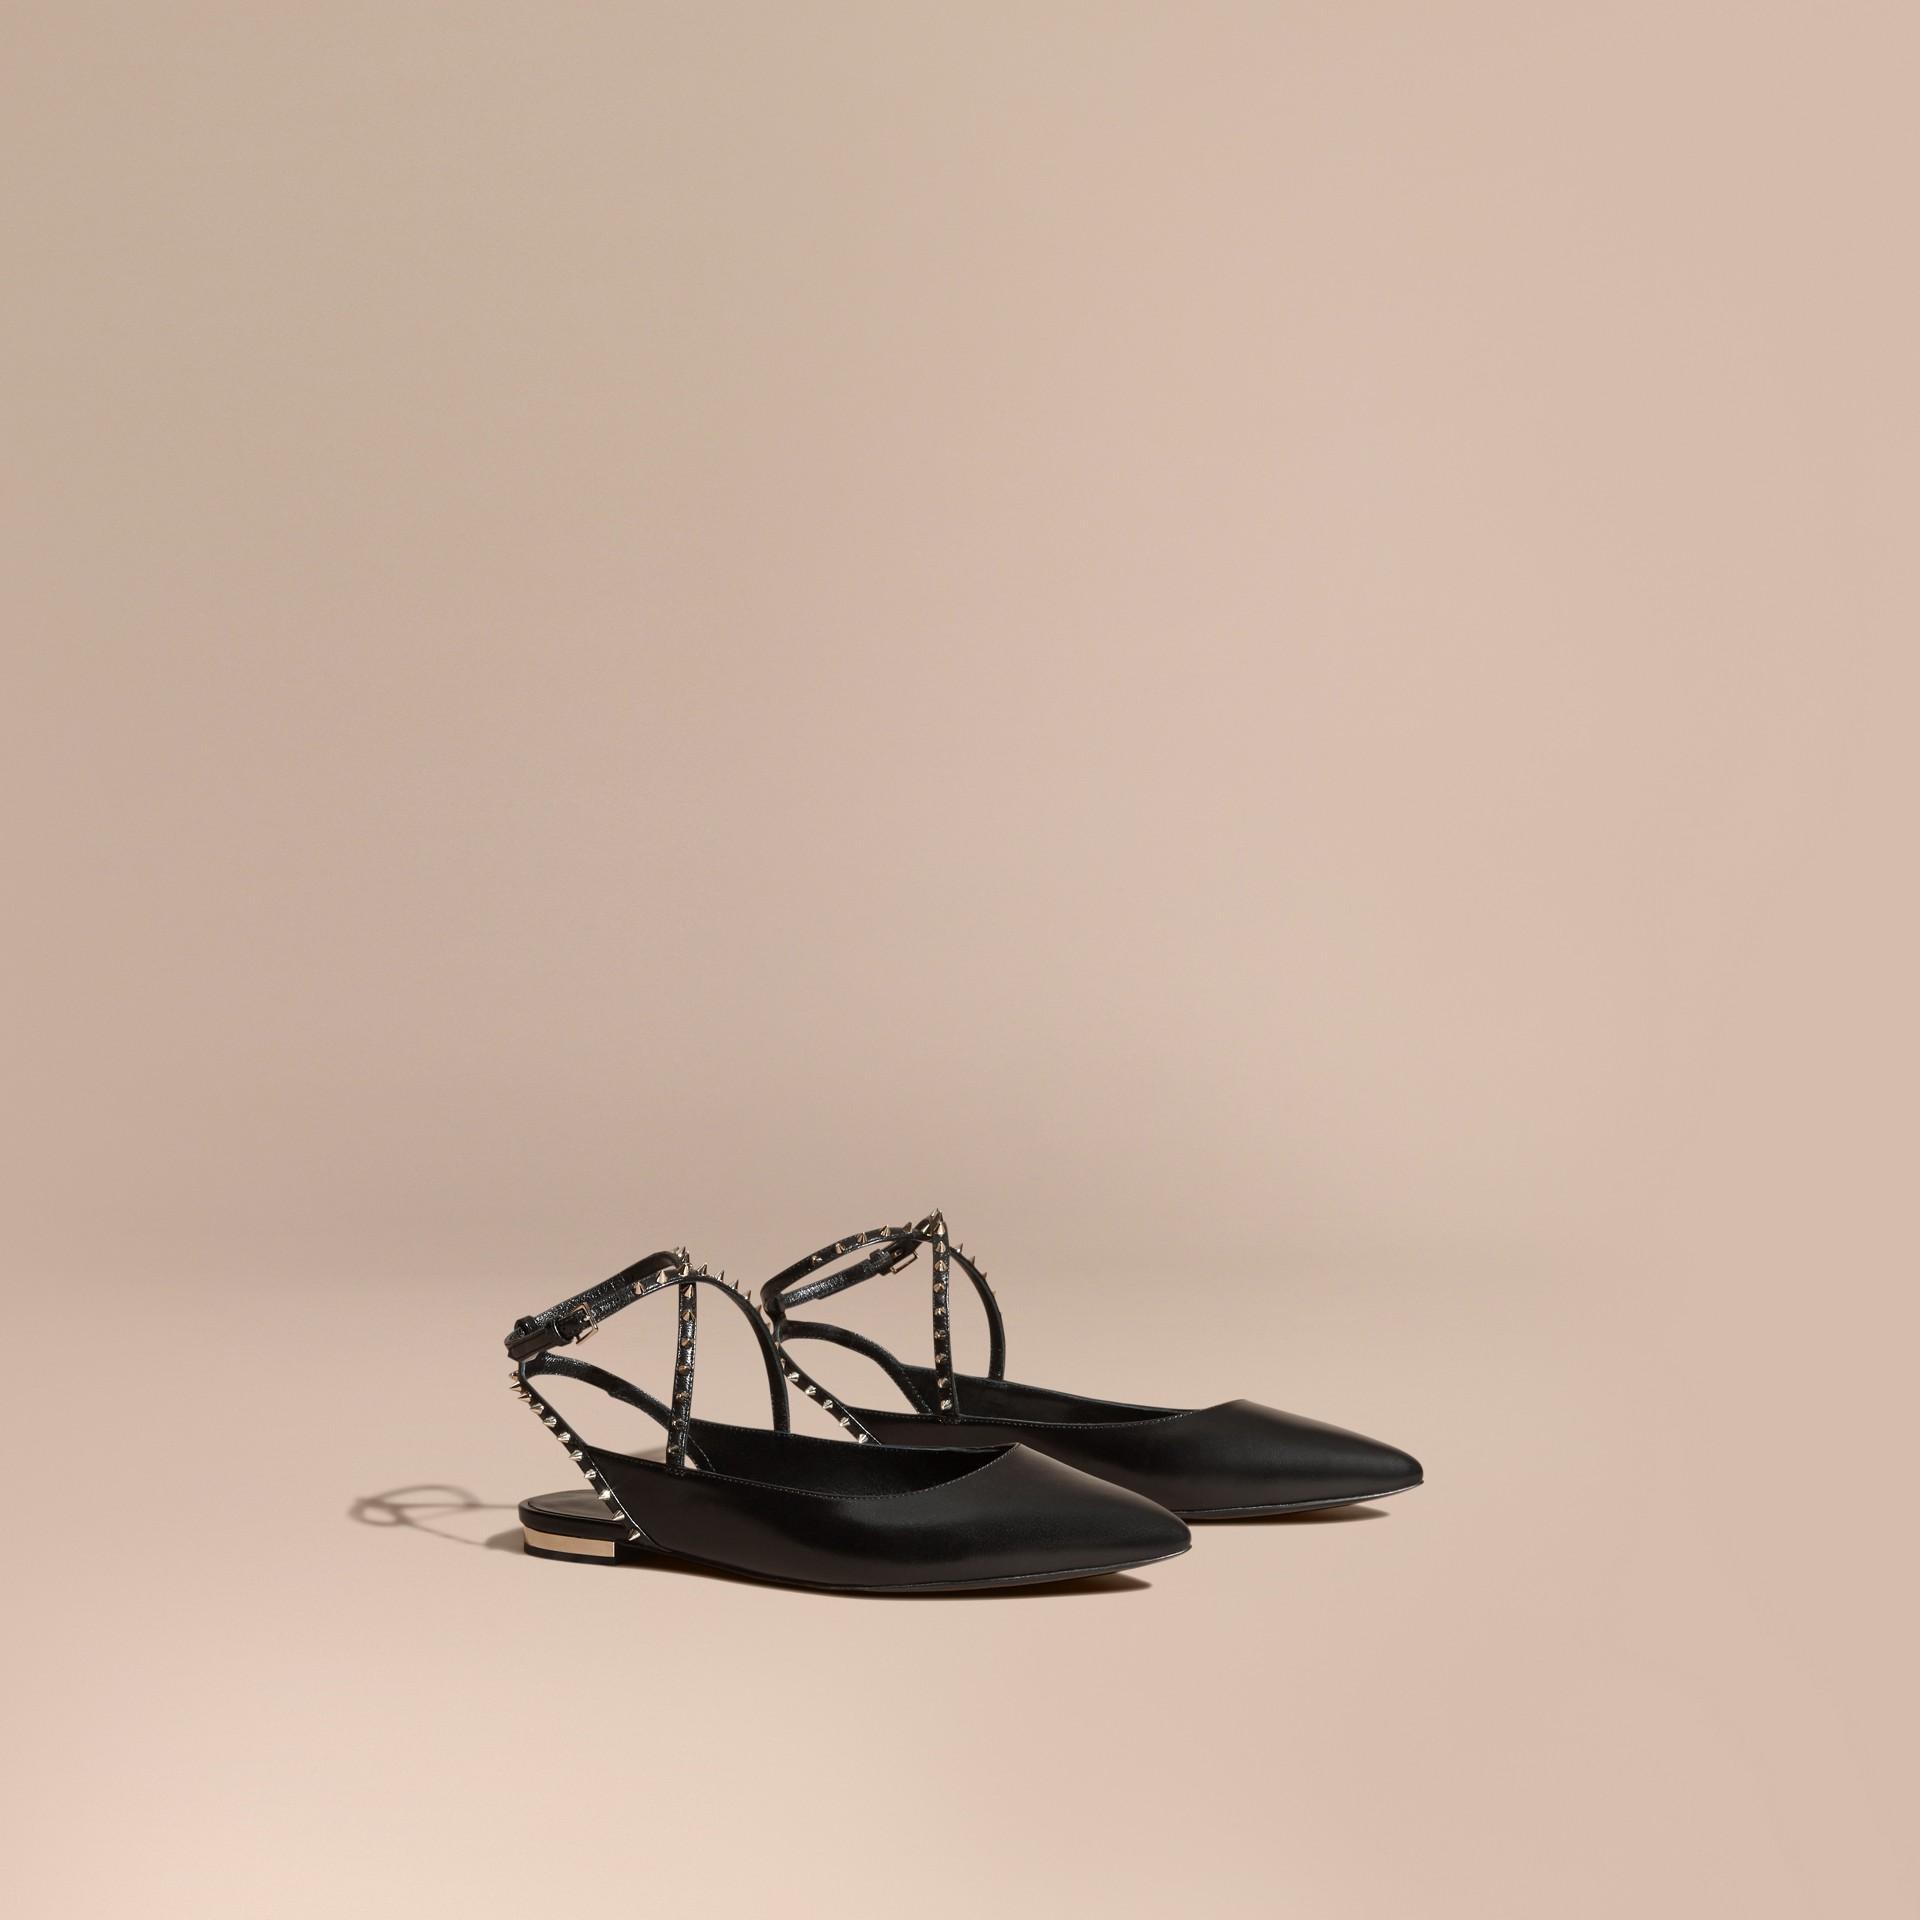 Nero Sandali tipo Chanel in pelle borchiata - immagine della galleria 1